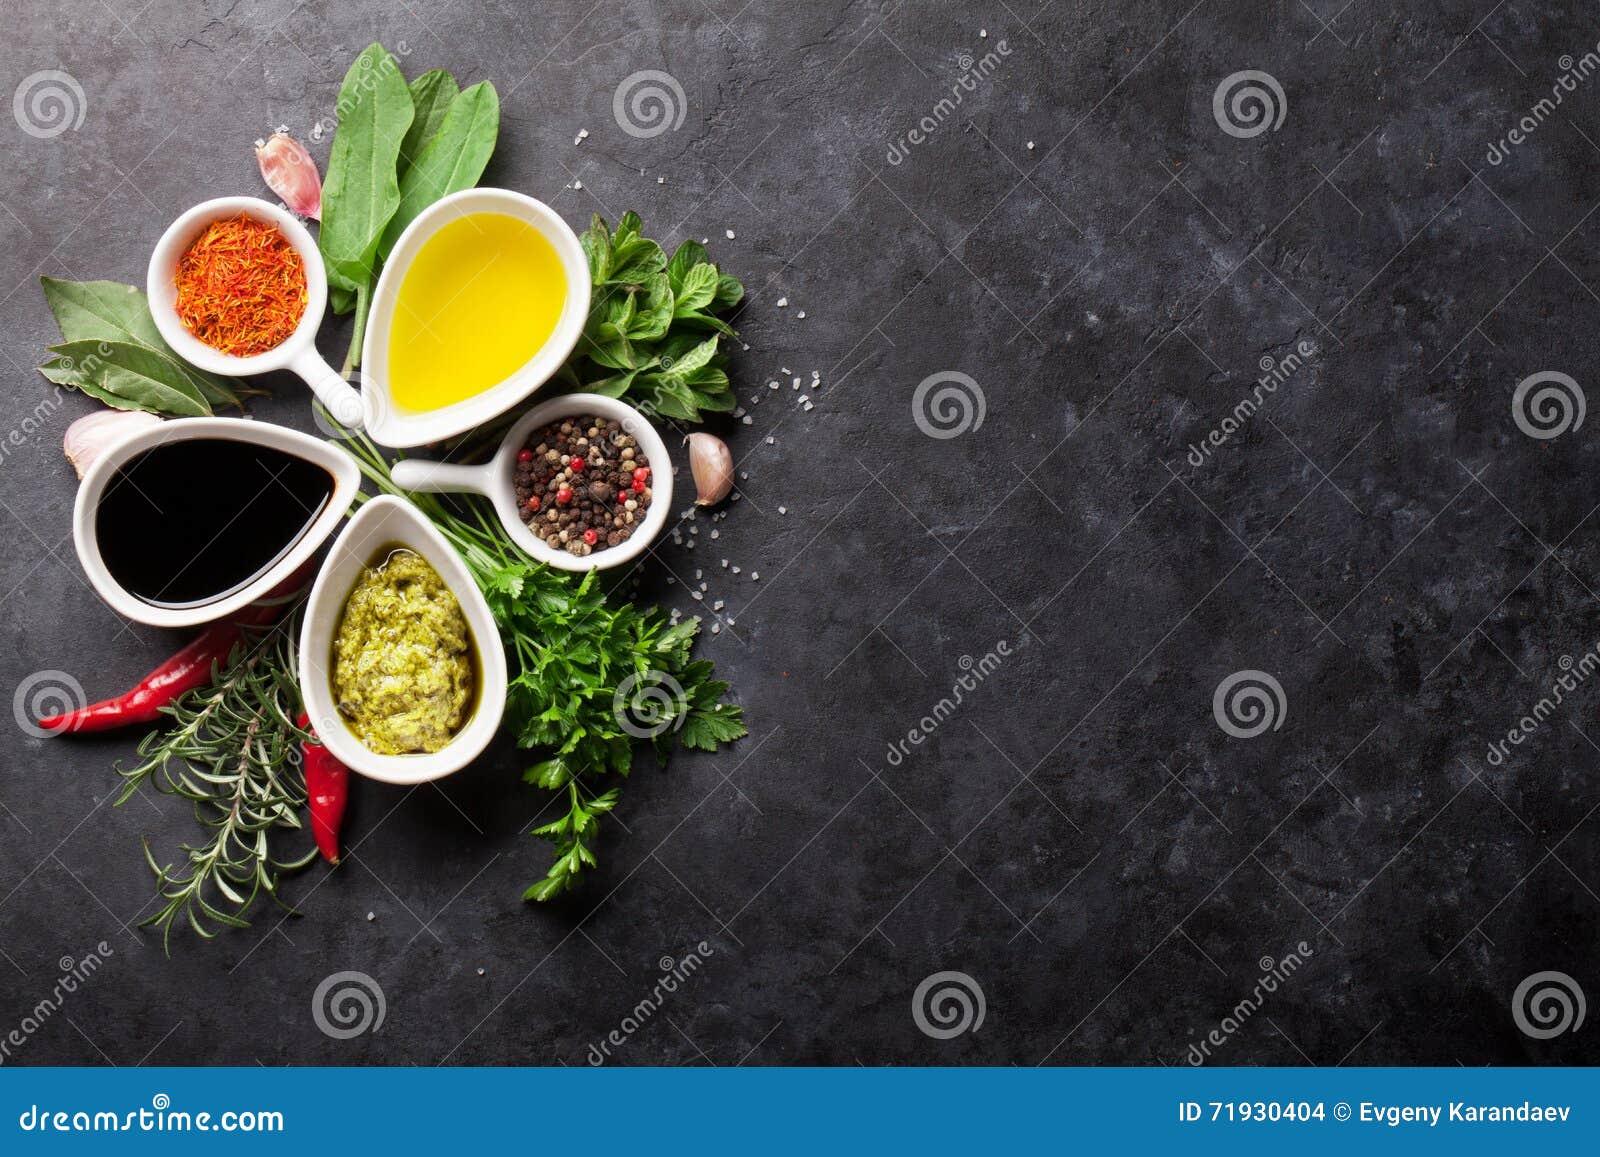 Örter, smaktillsatser och kryddor